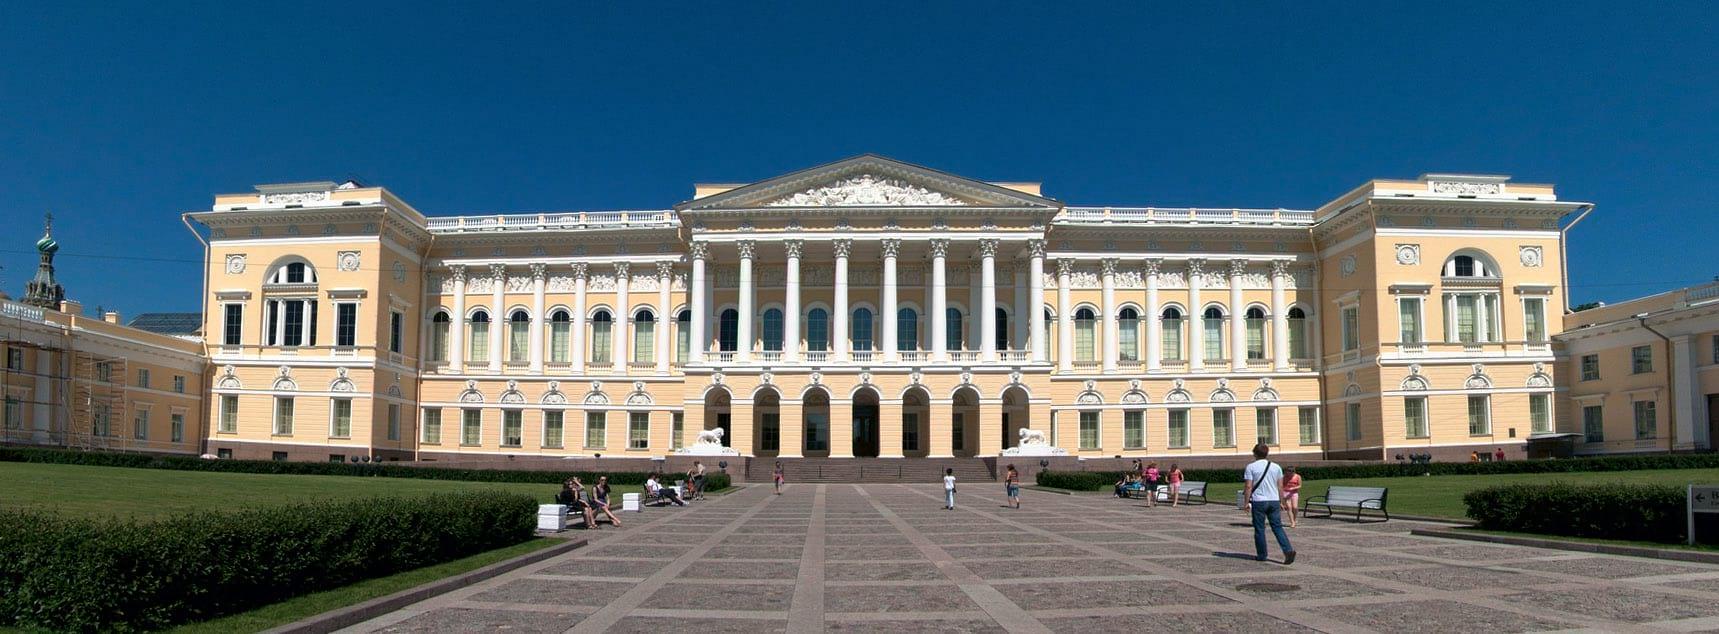 موزه های روسیه